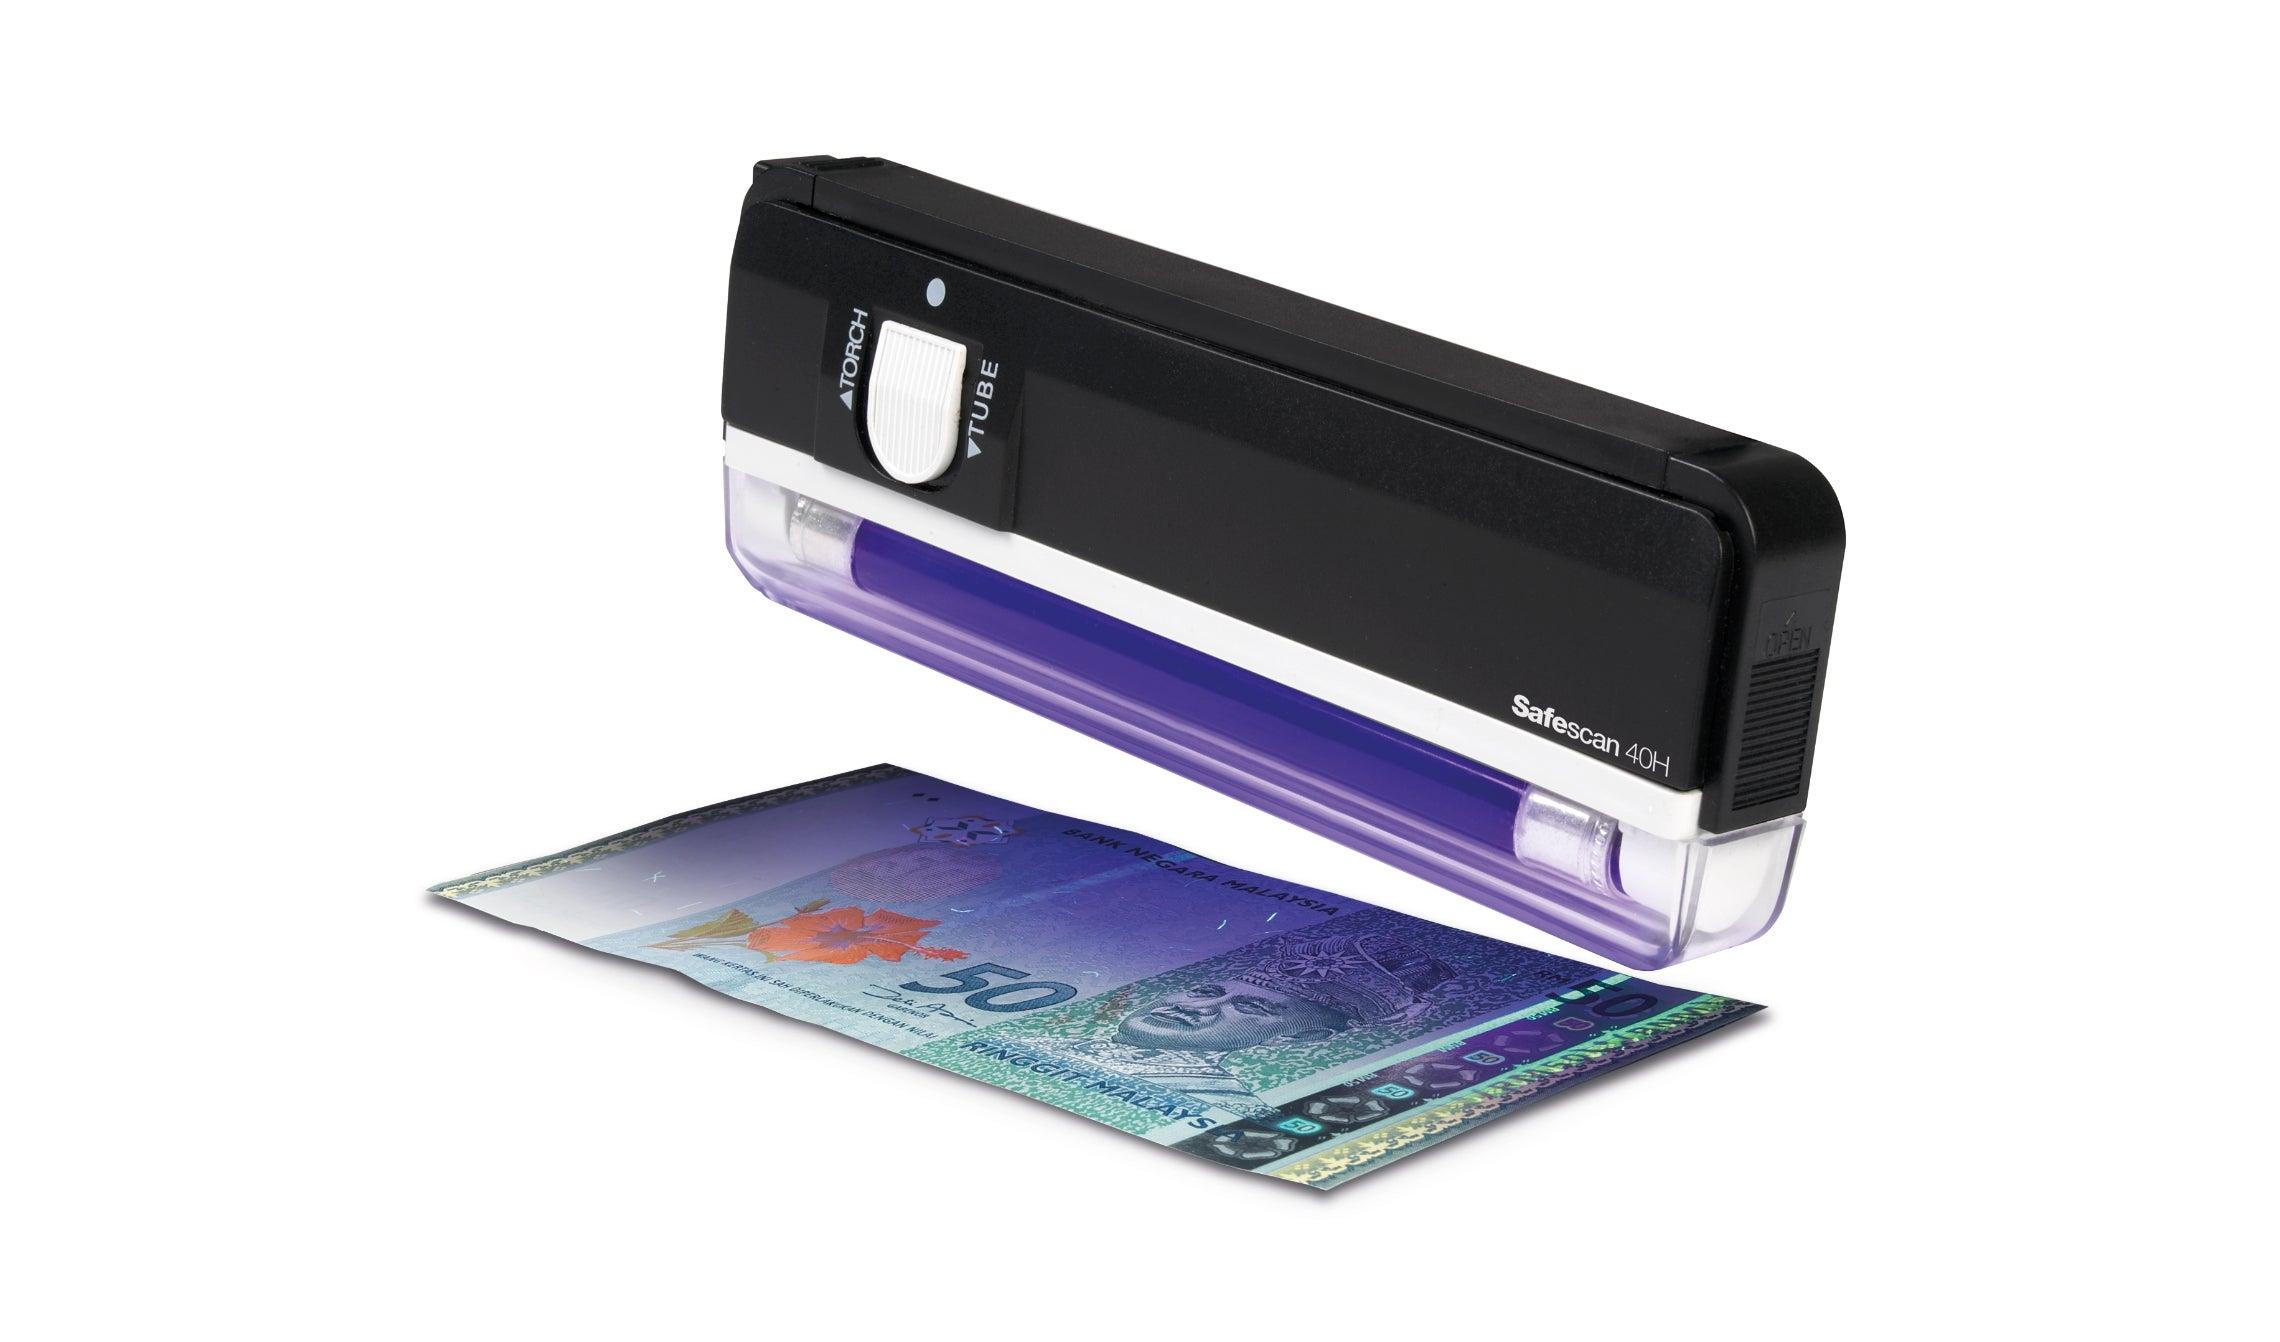 safescan-40h-portable-counterfeit-detector